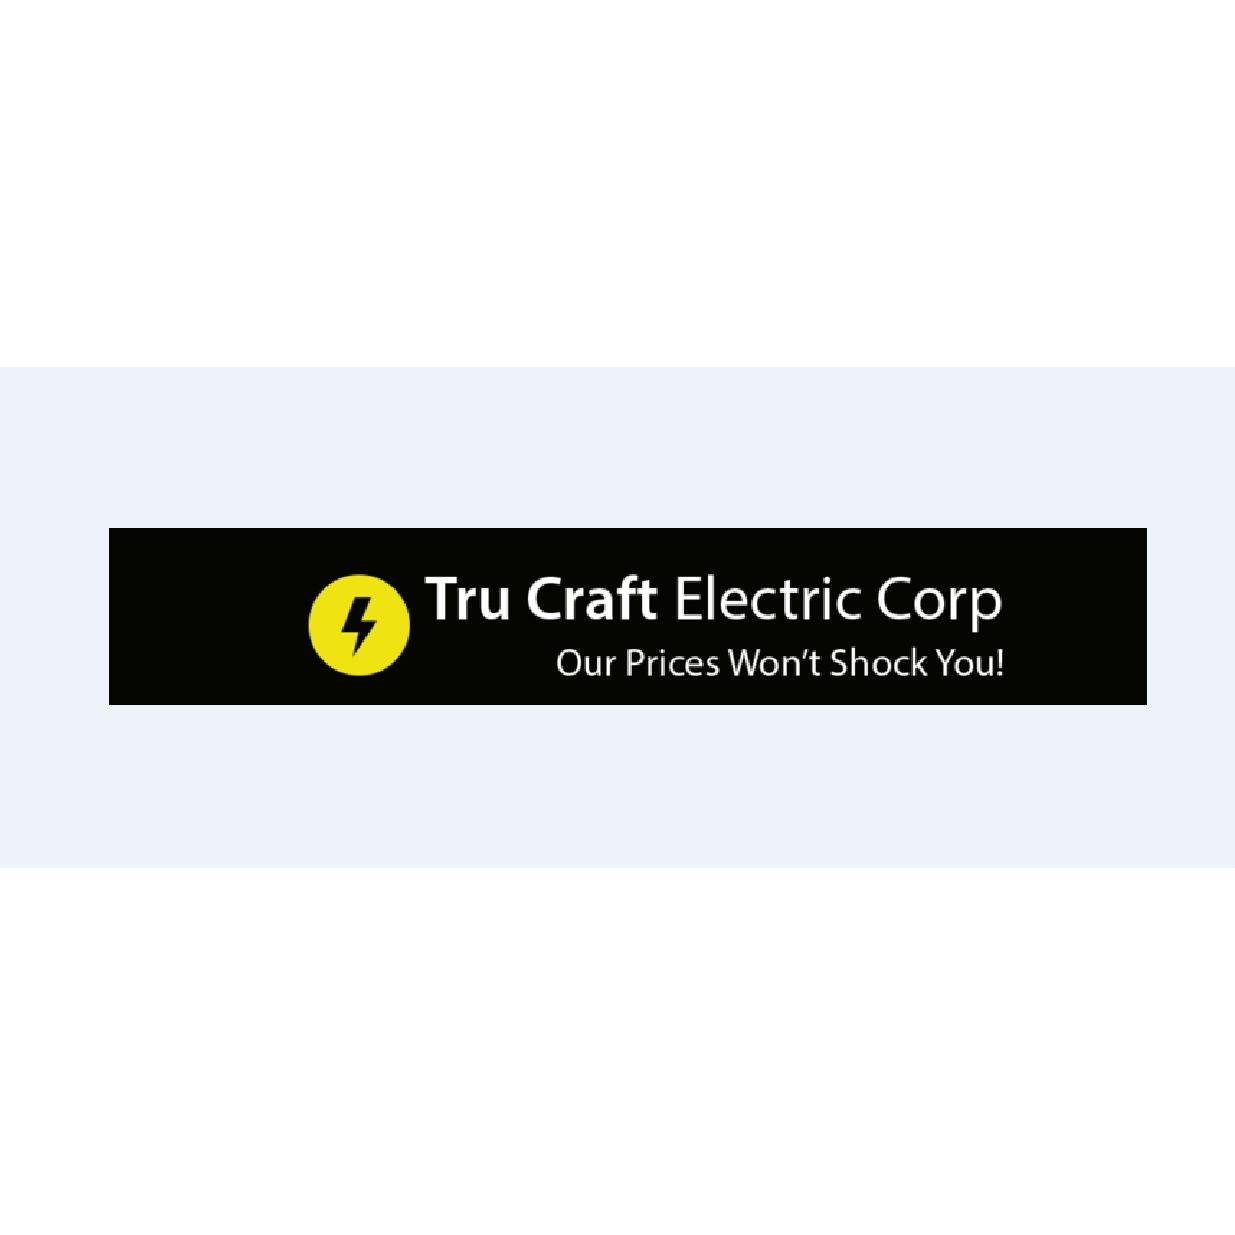 Tru Craft Electric Corporation image 8